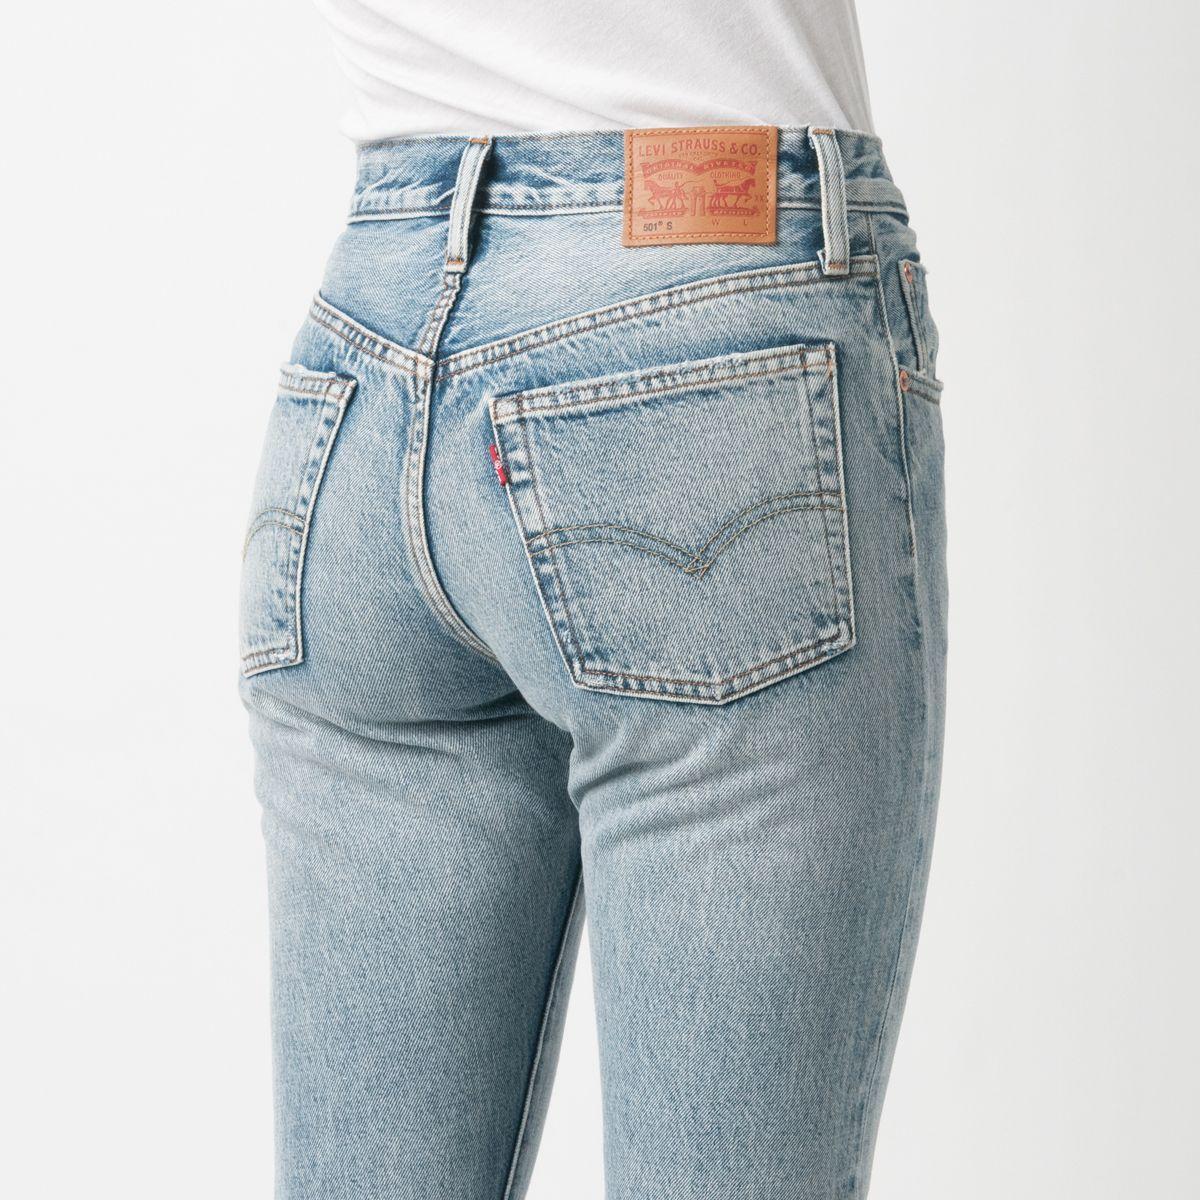 672011afe9c6 Levi s Premium 501 Skinny Selvedge Jean in Summer Dune 100% Cotton Red Line  Cone Mills Denim